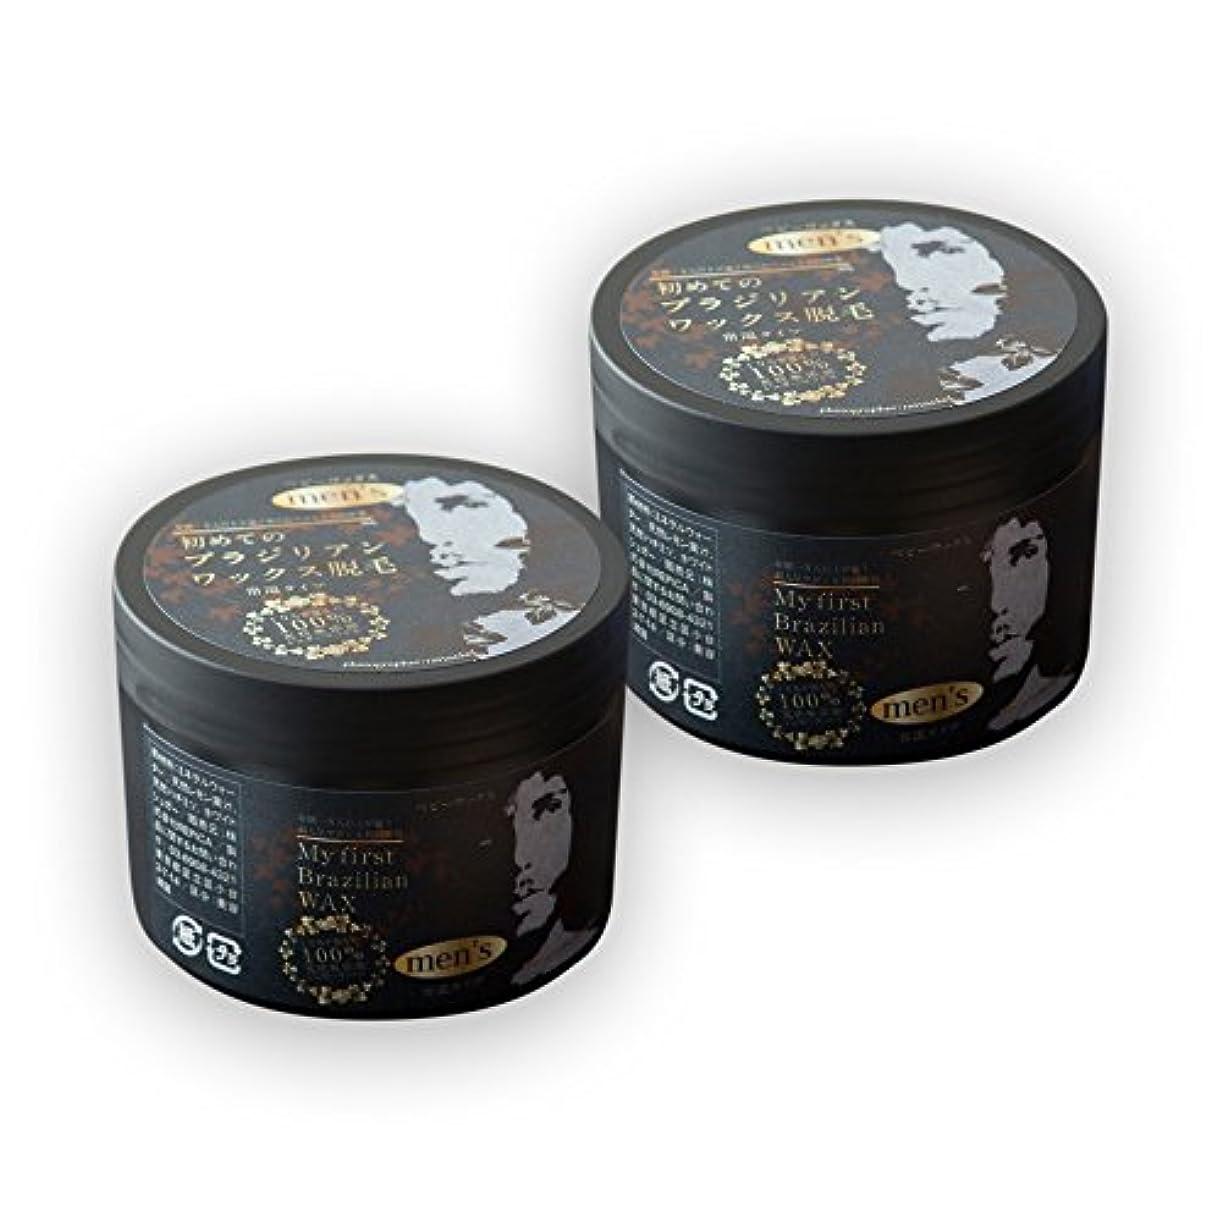 物理的にスケルトン同行【単品】メンズ専用単品ワックス BABY WAX 専門サロンの初めてのブラジリアンワックス脱毛【100%国産無添加】 (2個セット)